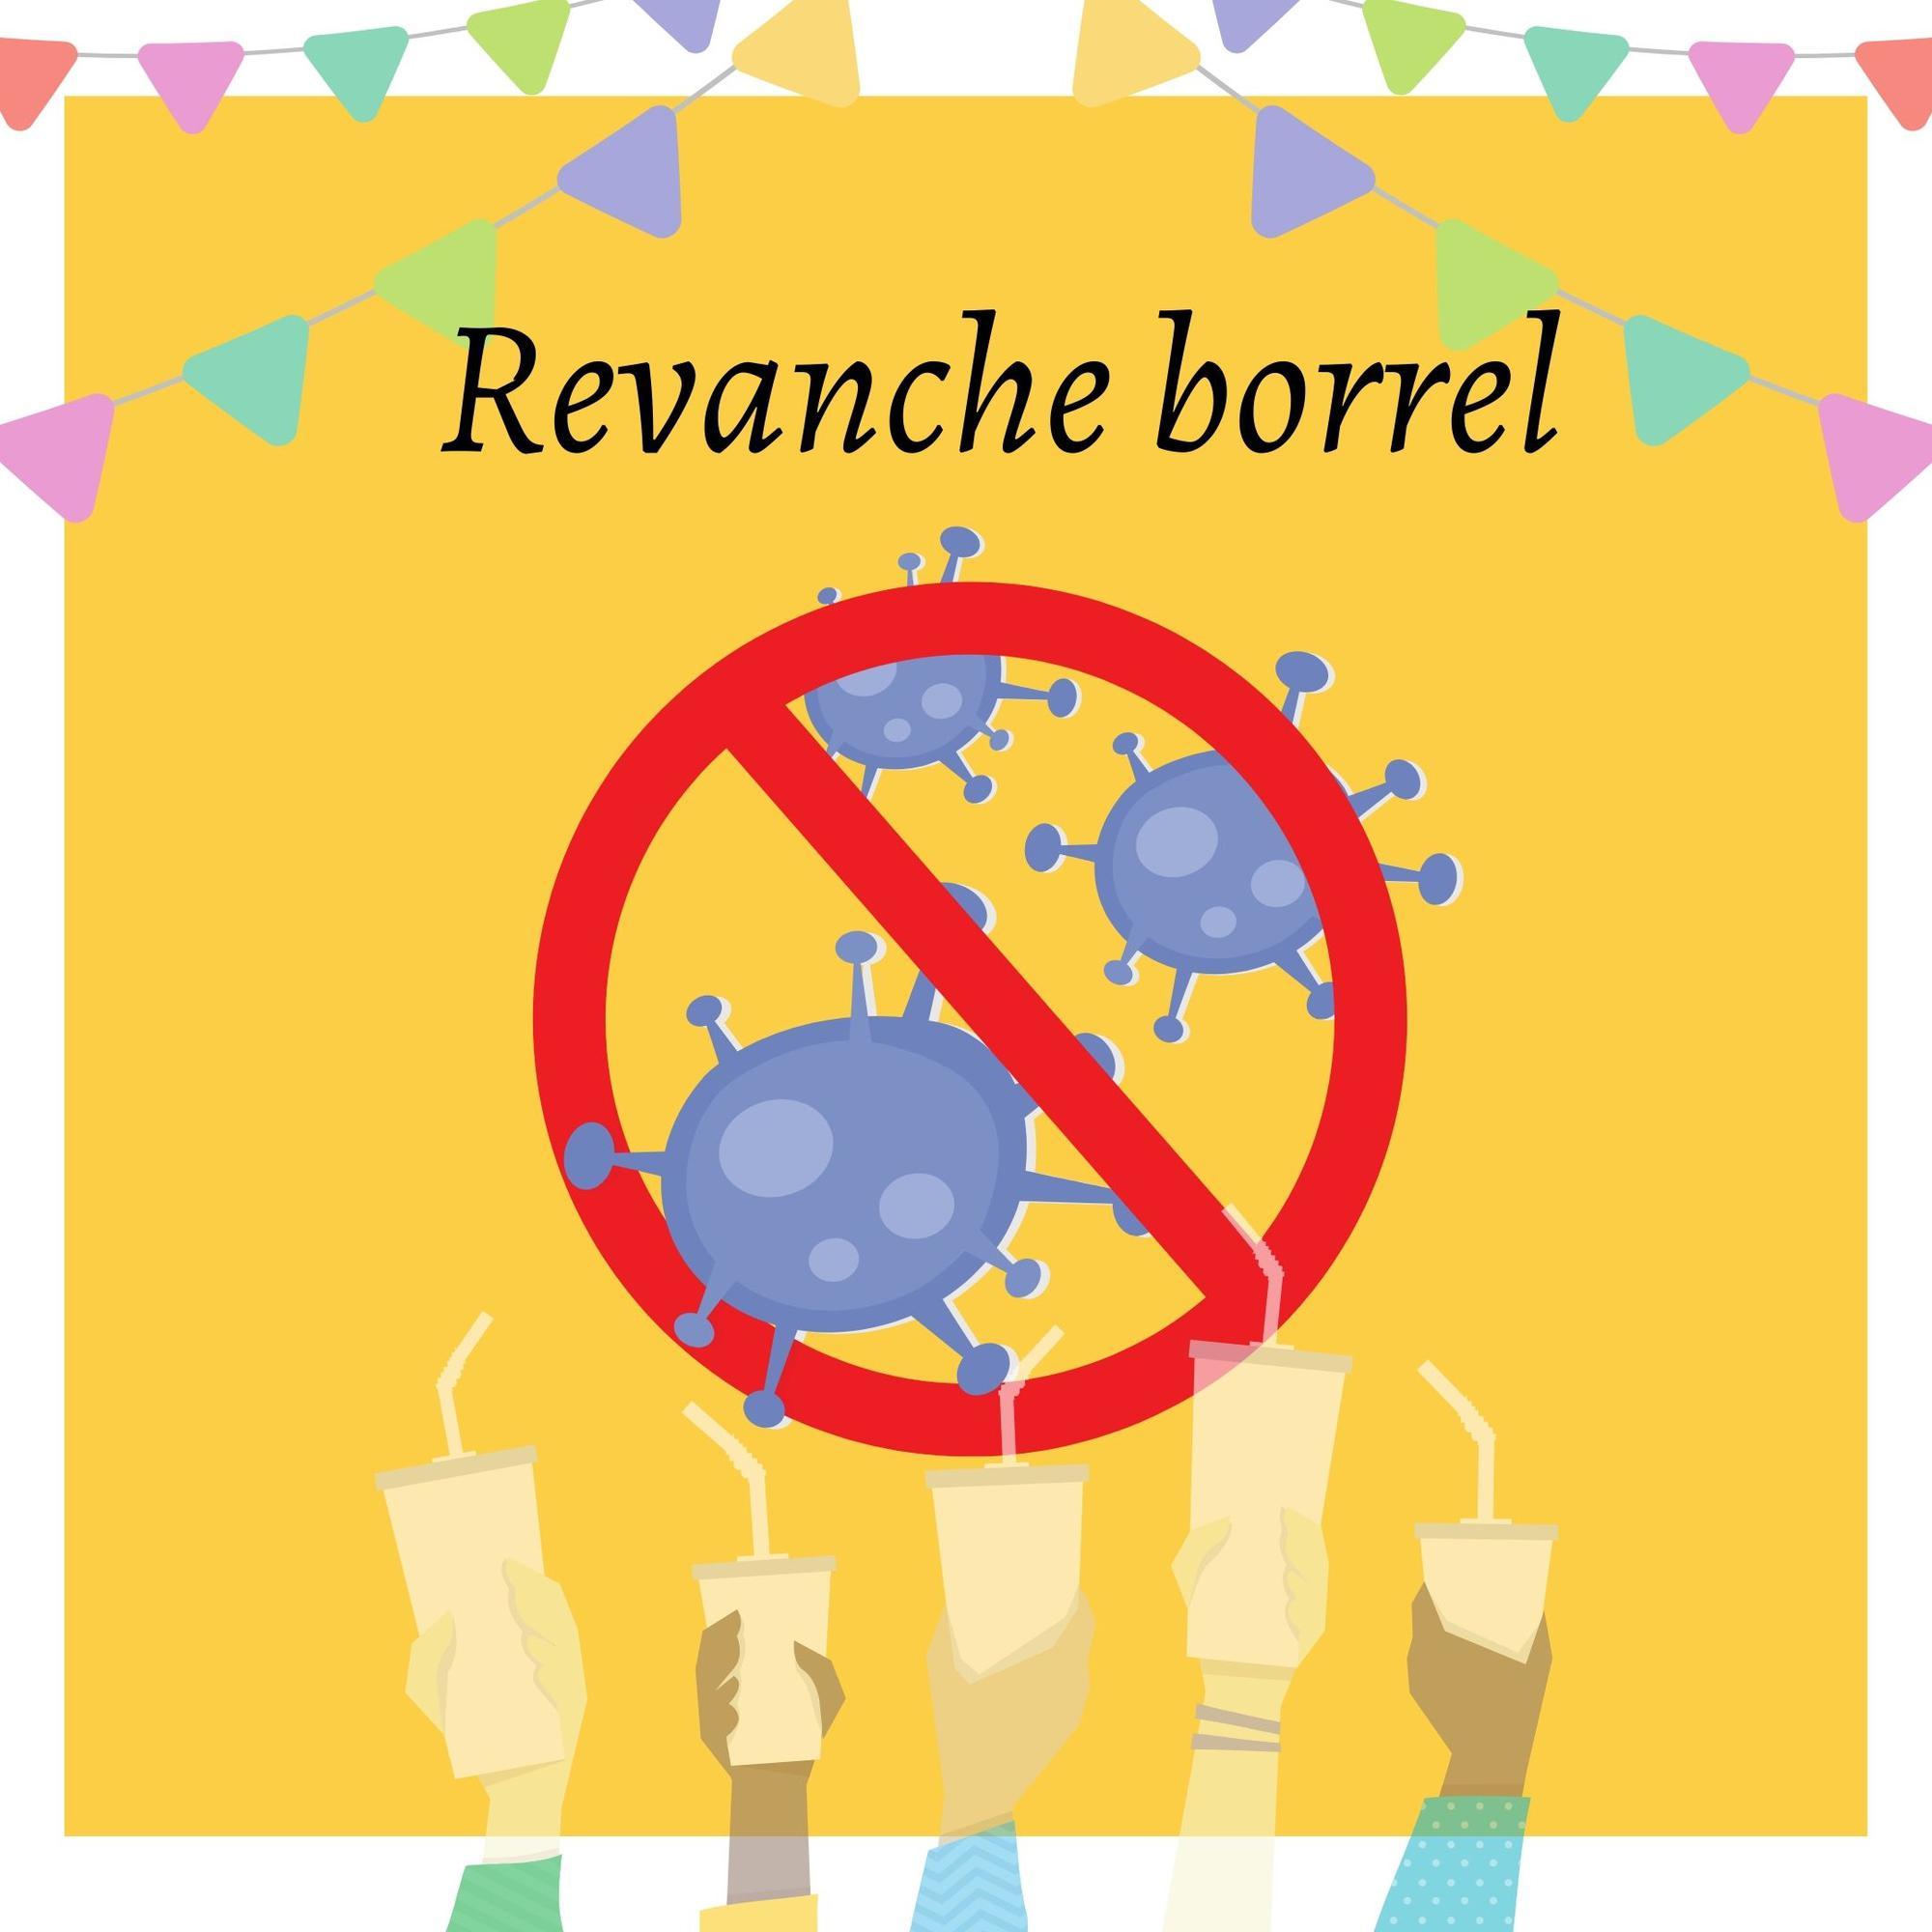 Maandelijkse borrel - Revanche borrel